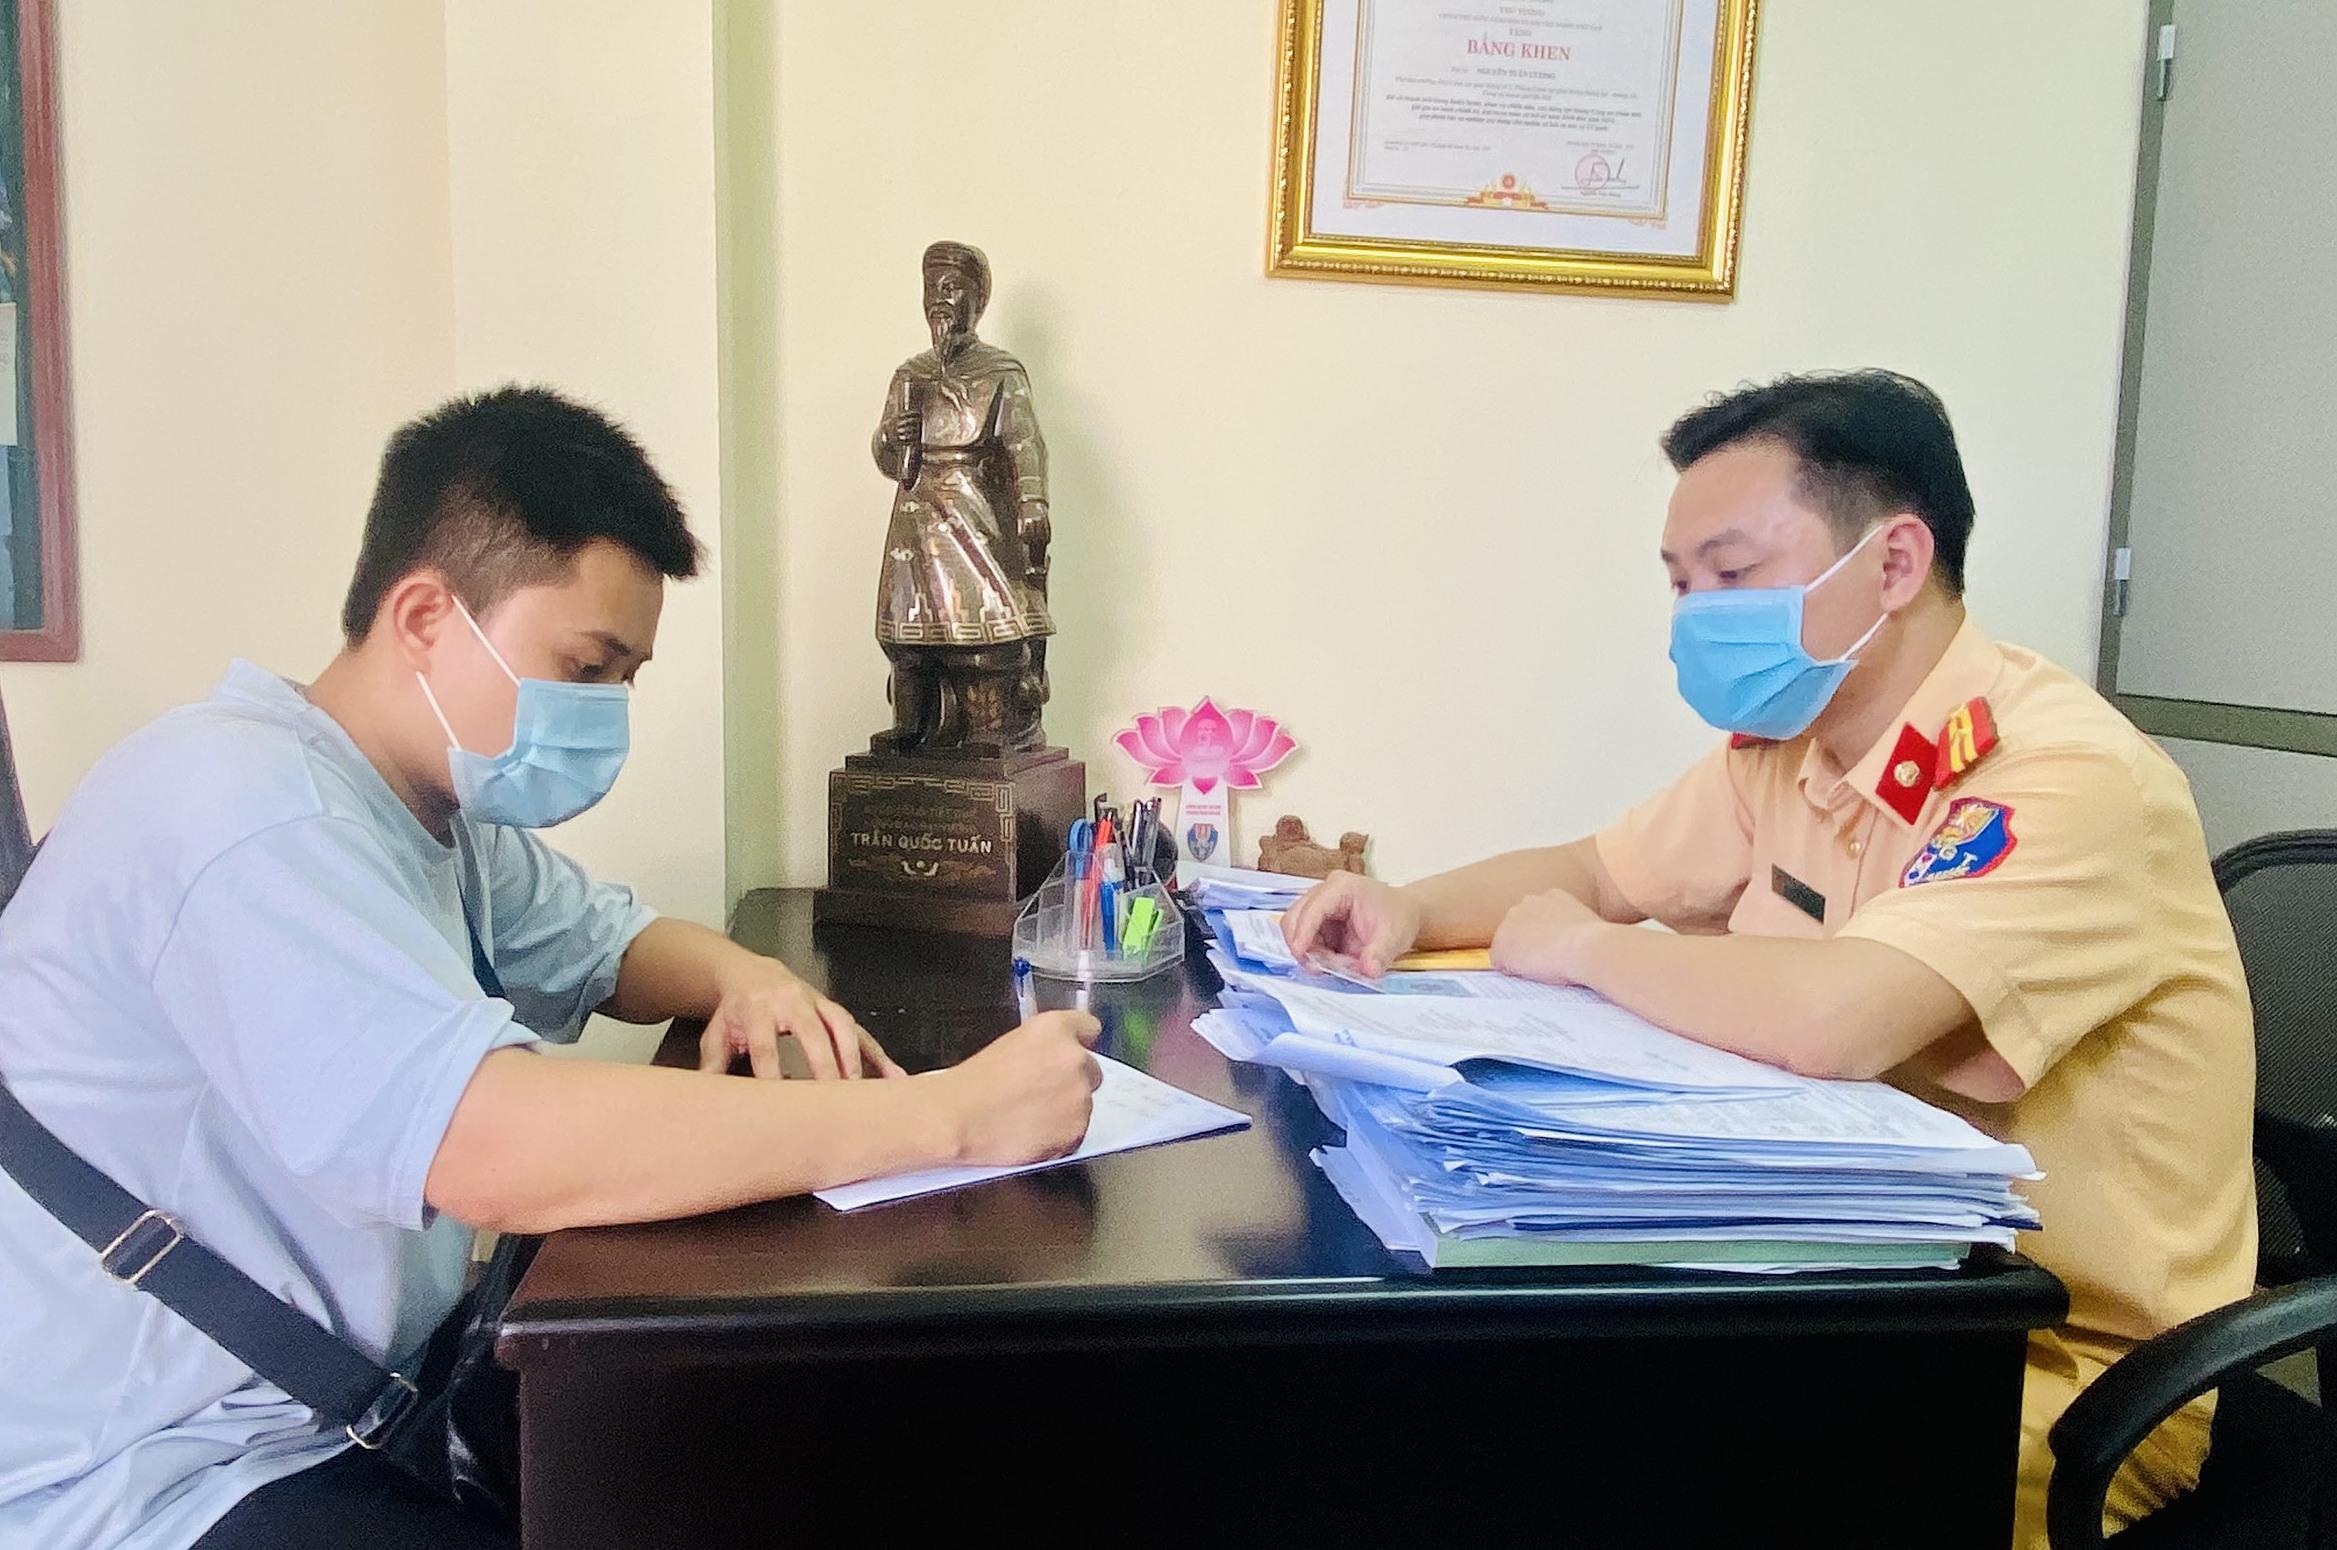 Thiếu tá Nguyễn Tuấn Cường (phải) hướng dẫn Sơn hoàn thiện các thủ tục để nhận lại chiếc xe. Ảnh: NVCC